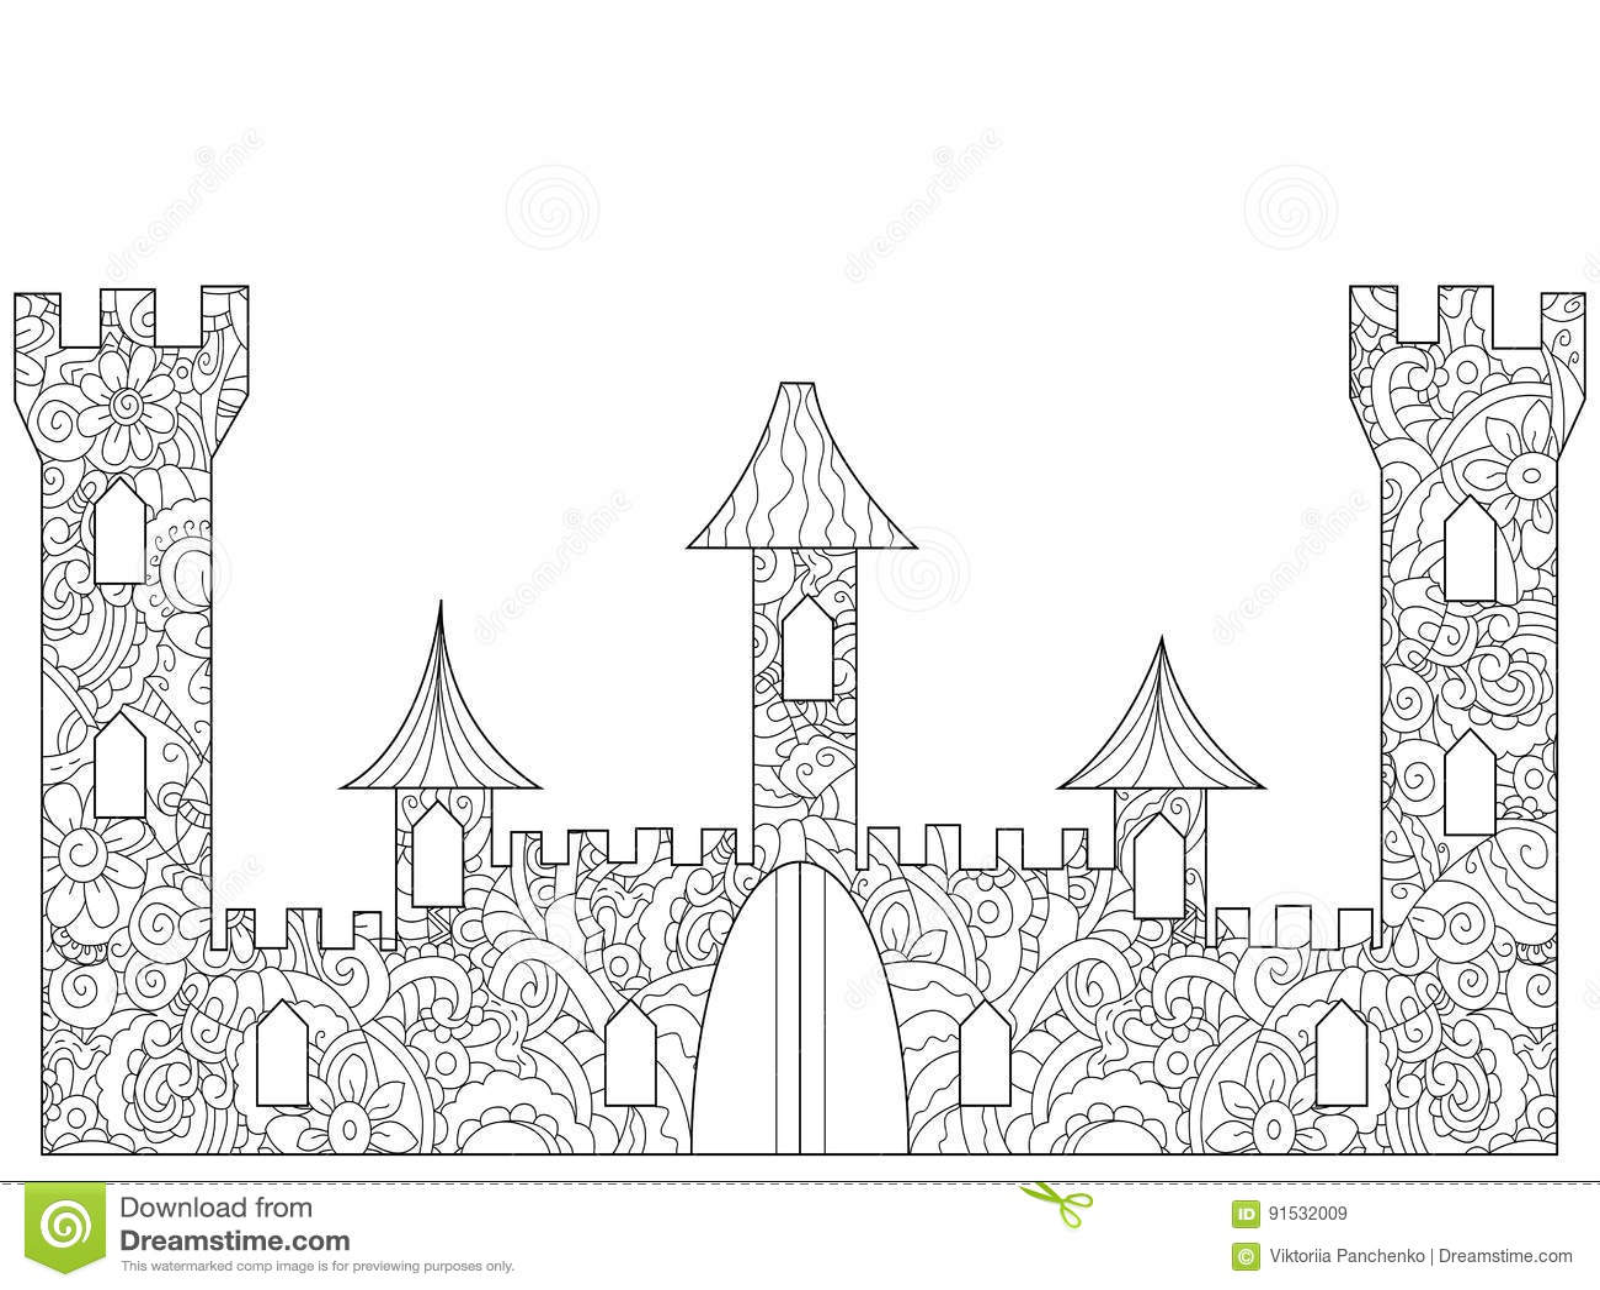 Coloriage Adulte Batiments.Vieux Livre De Coloriage De Chateau Pour Des Adultes Illustration De